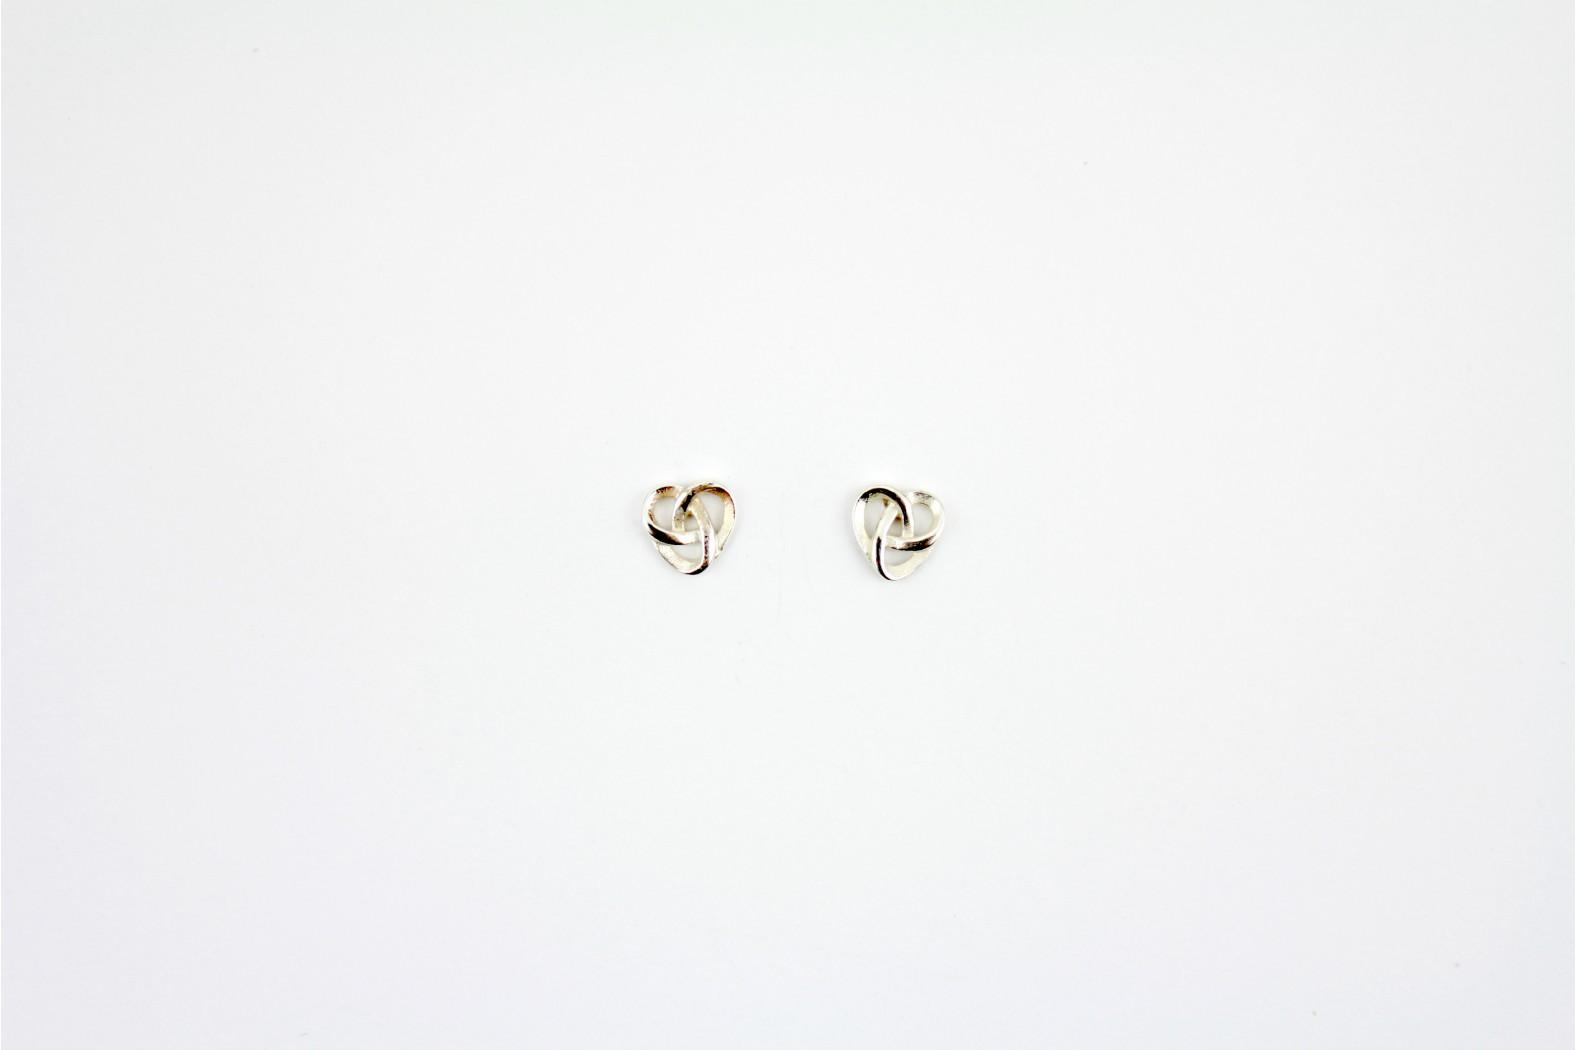 Celtic Inspired Designe silver stud earrings